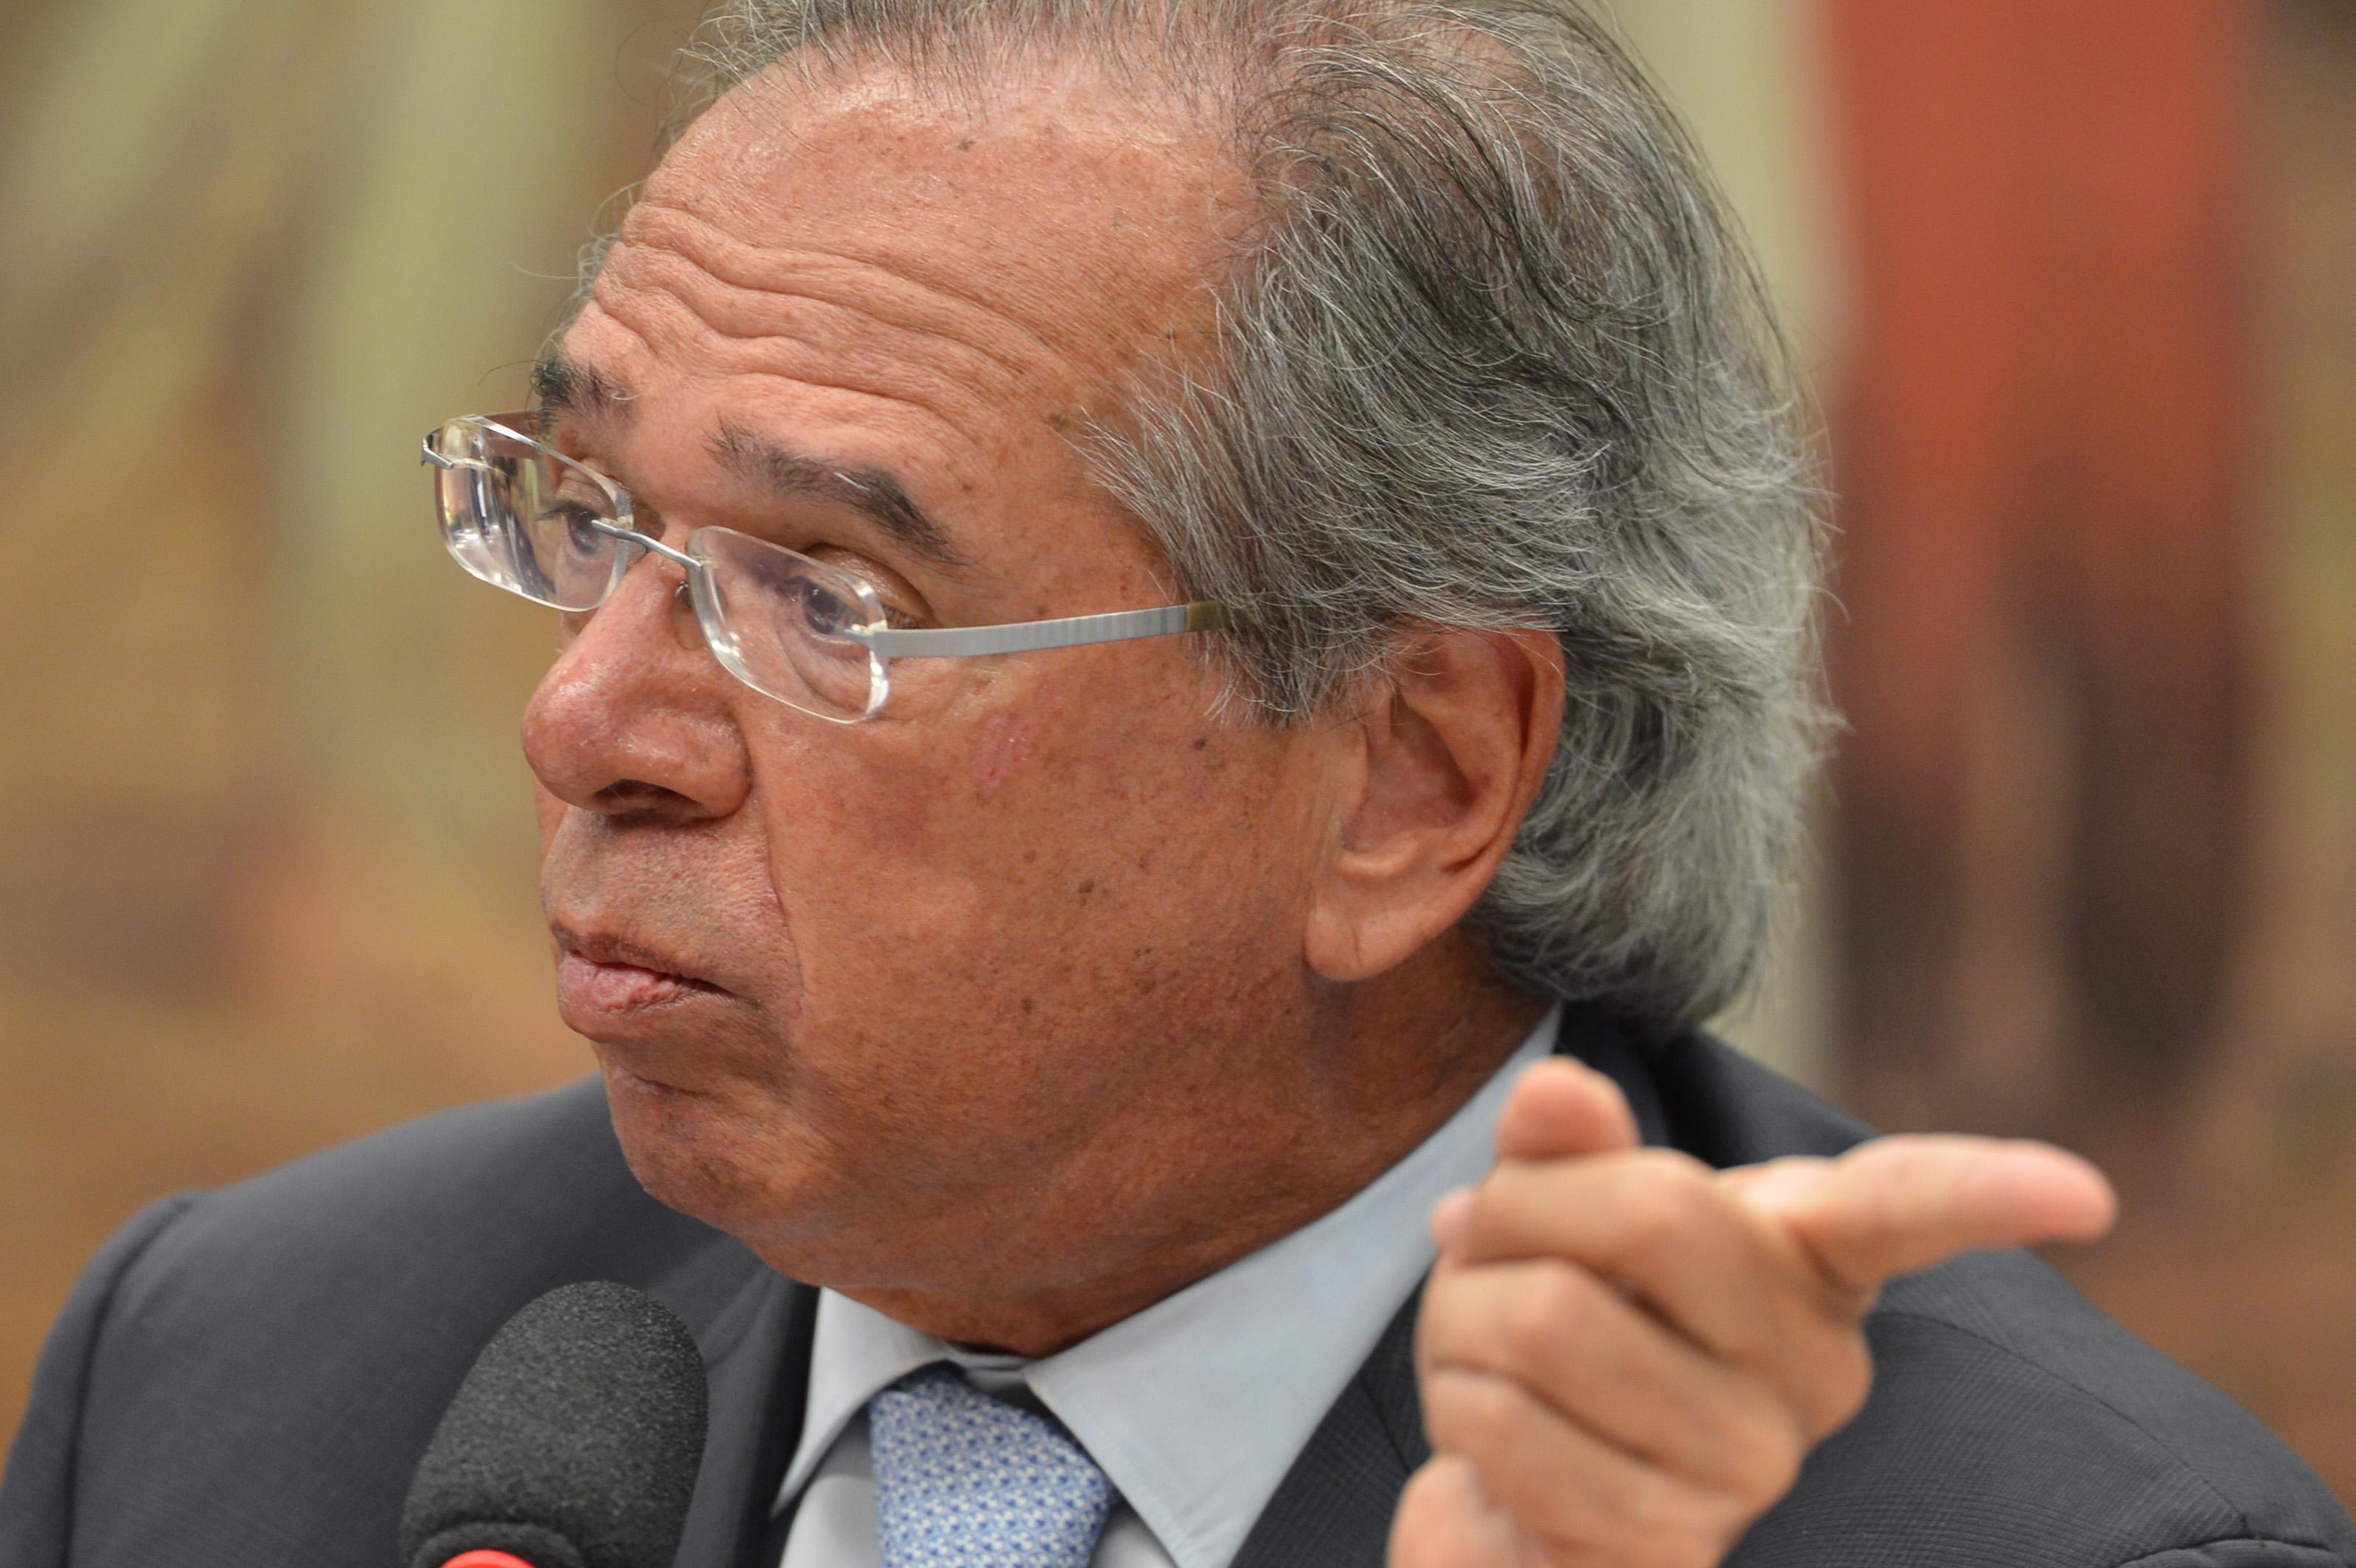 IMAGEM: Guedes pede ajuda para aprovar privatização da Eletrobras, ainda sem relatório no Senado